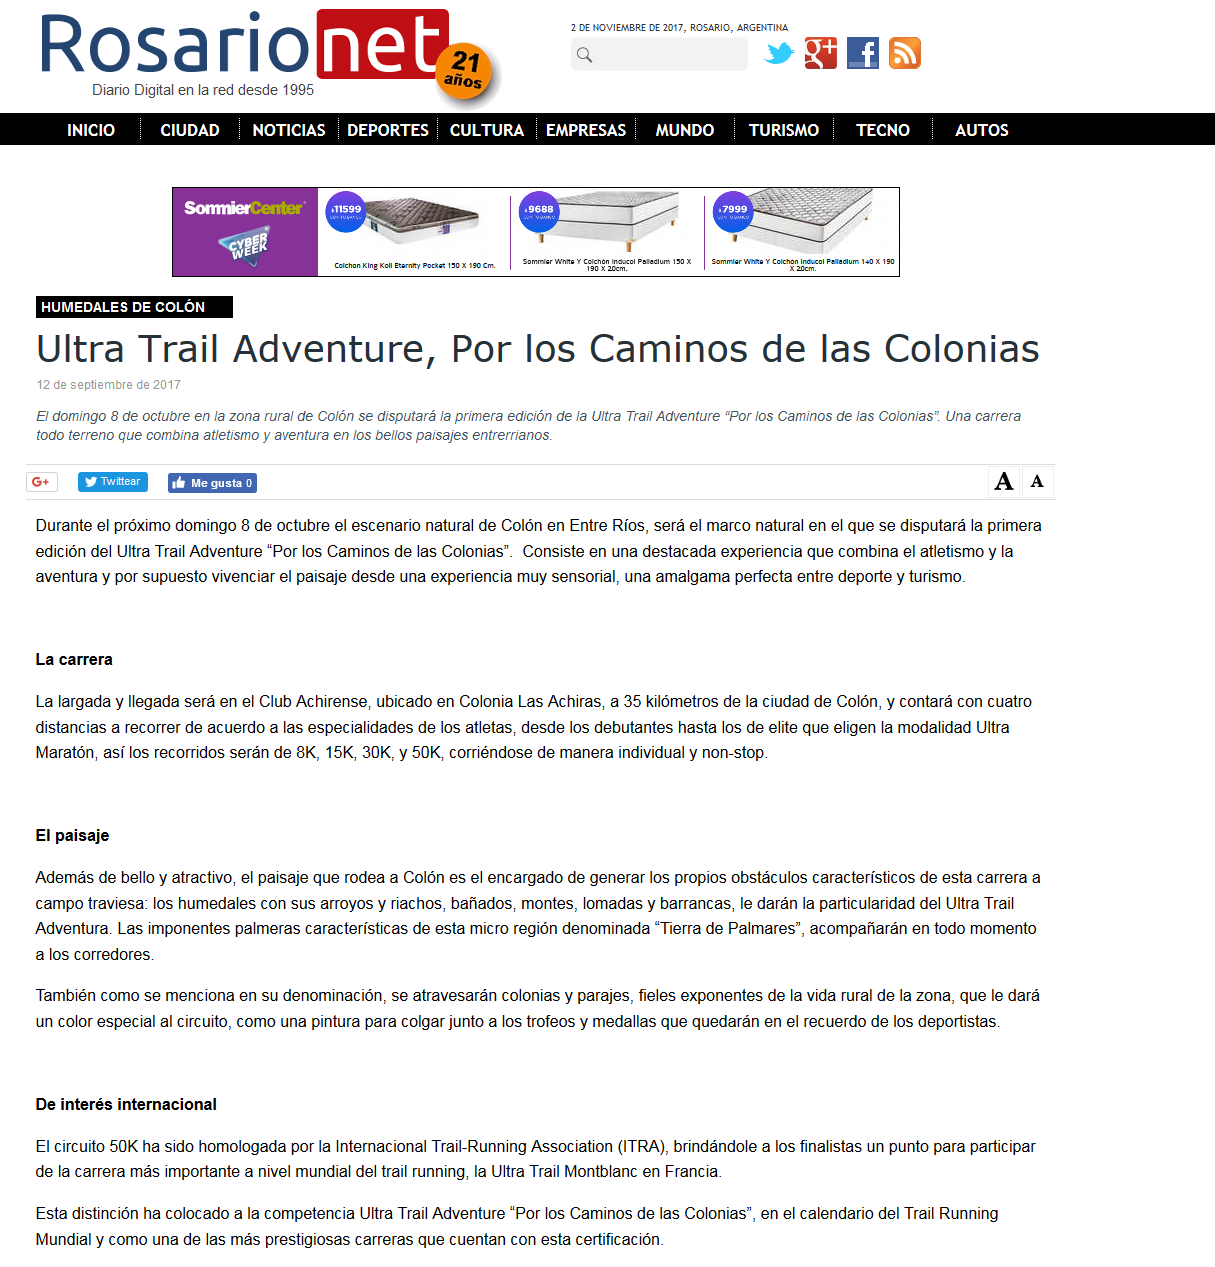 RosarioNet